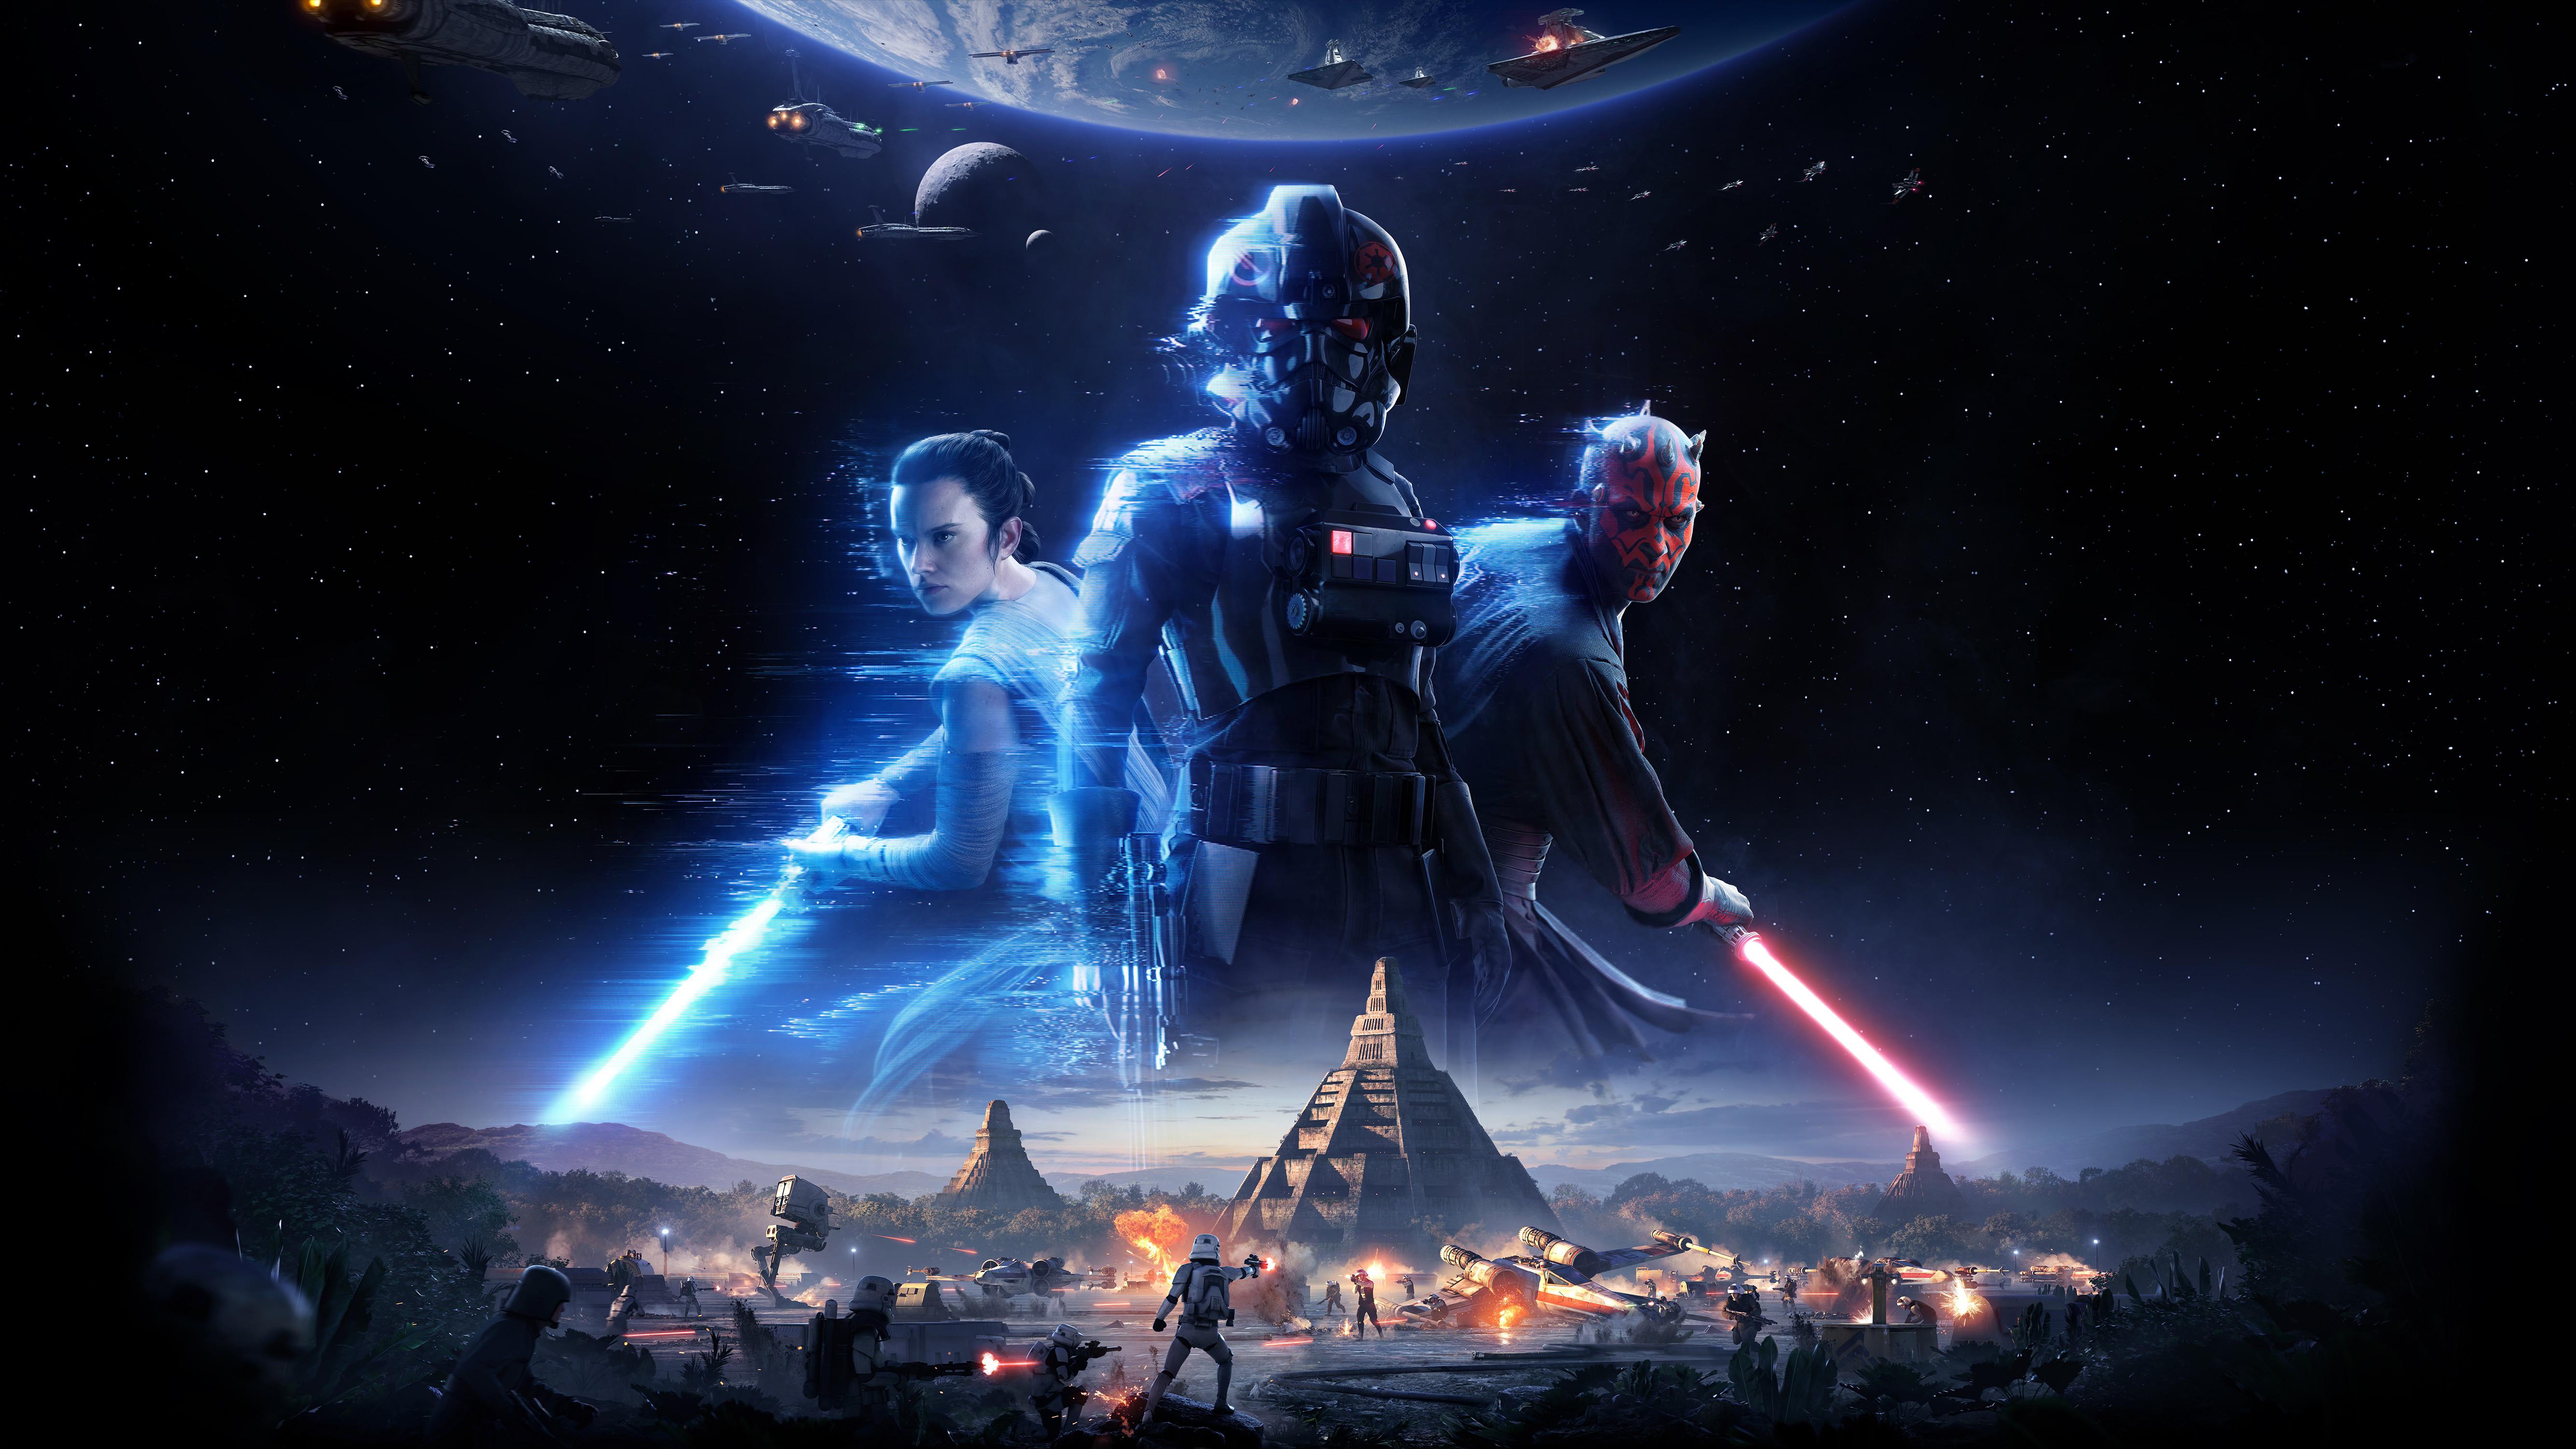 Desktop Wallpapers Star Wars Battlefront Ii 2017 Warrior 5333x3000